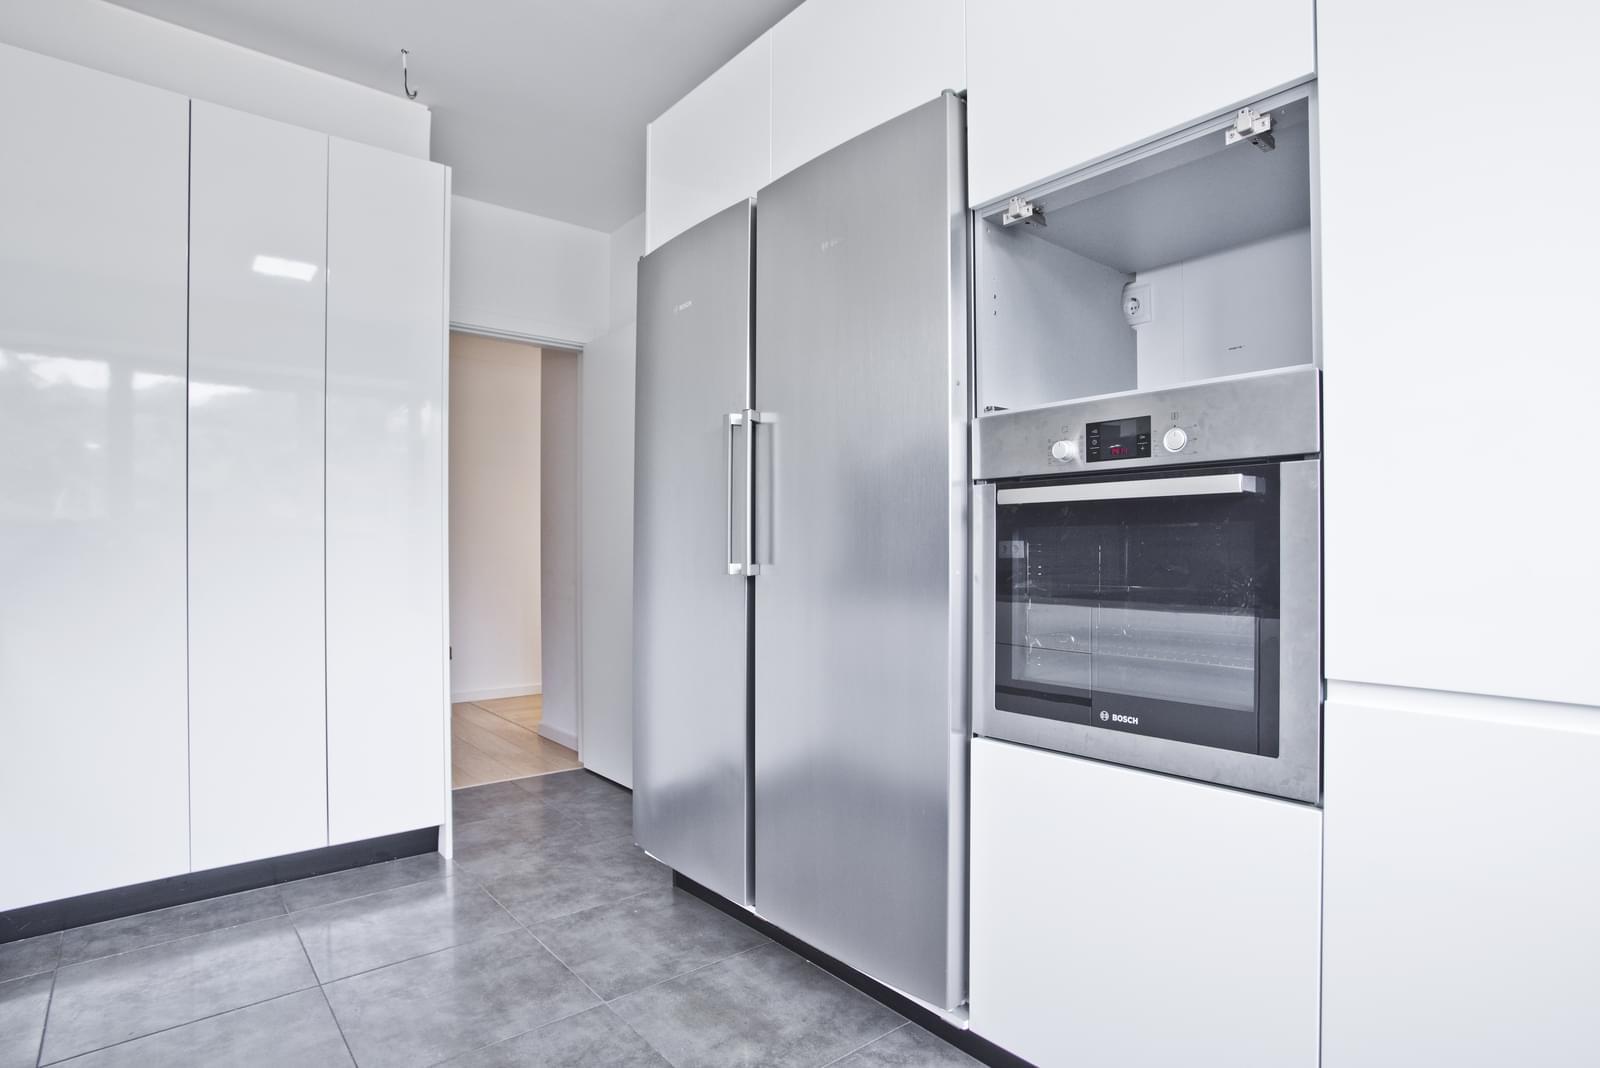 pf13975-apartamento-t4-oeiras-d88862d0-deb1-4134-8f0d-504f3ffde8de